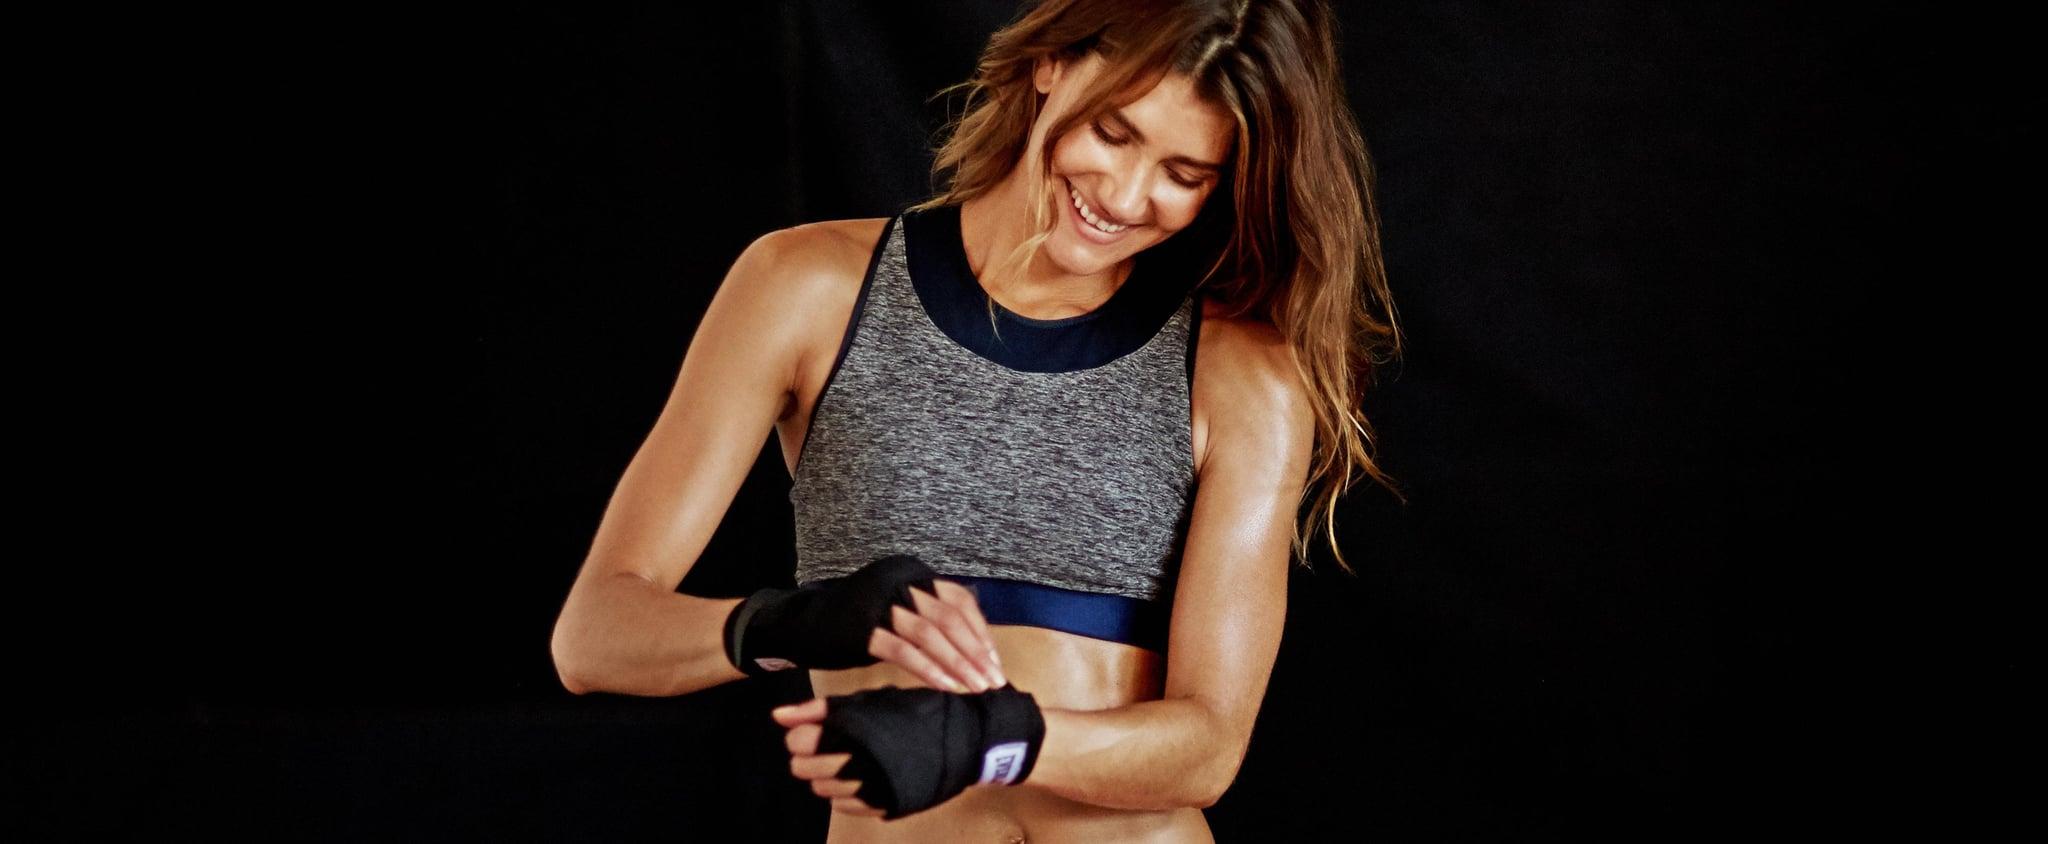 No-Gym Workout Plan | 4 Weeks